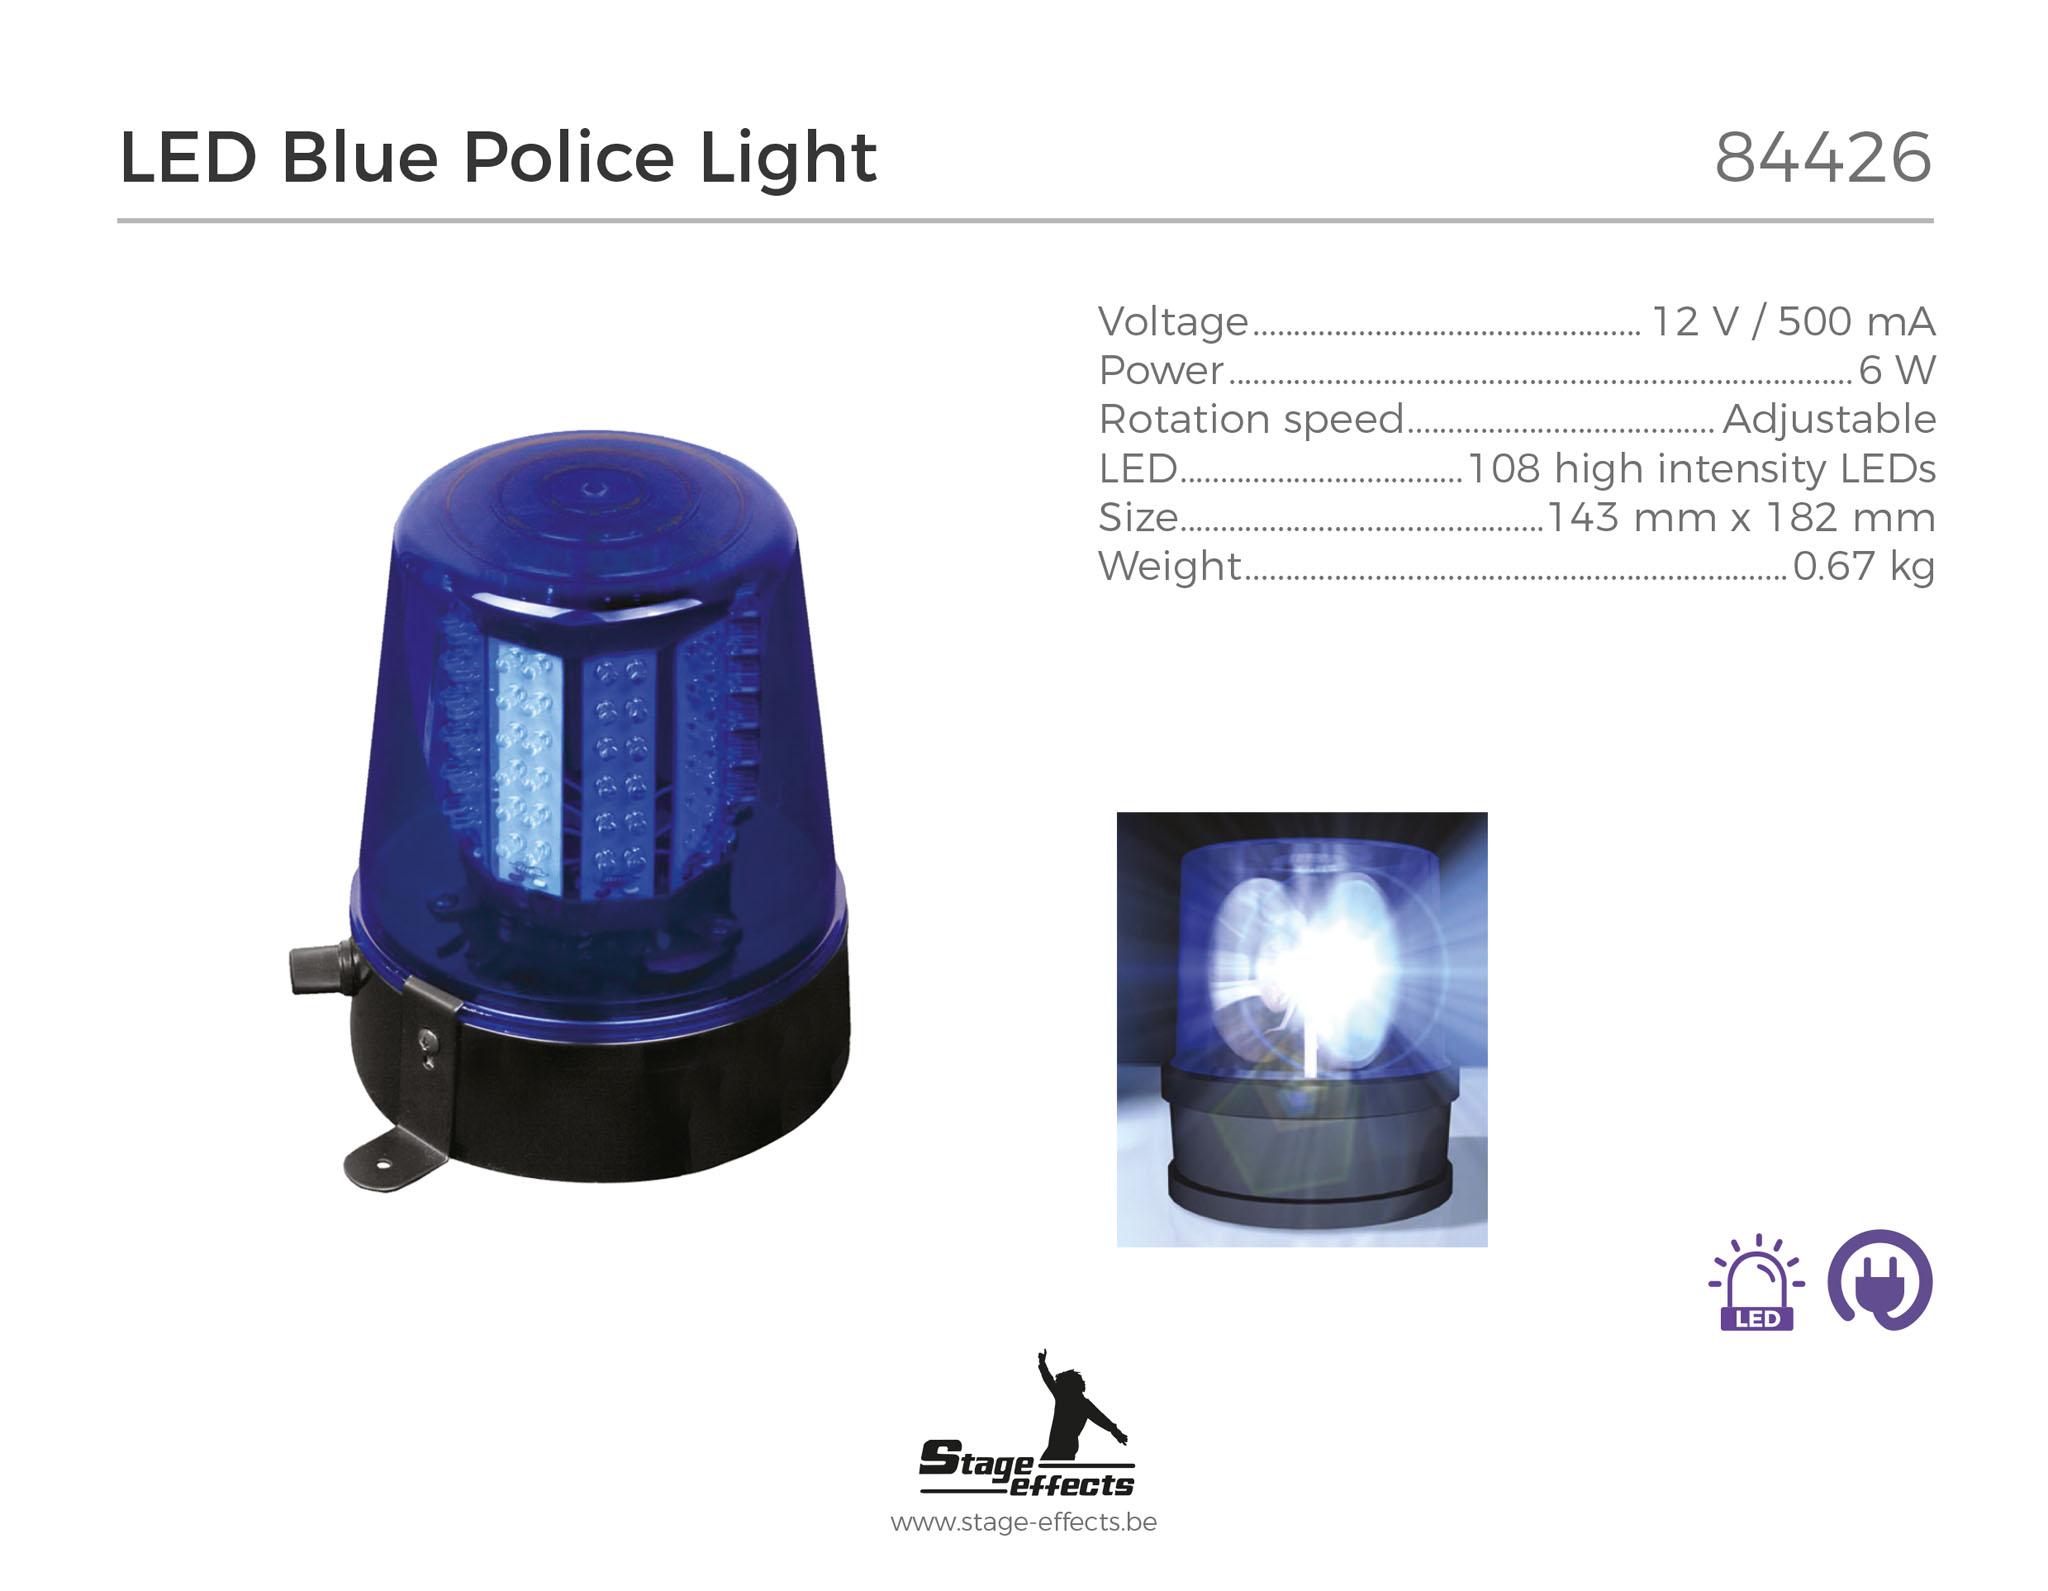 LED Zwaailicht Blauw Politie